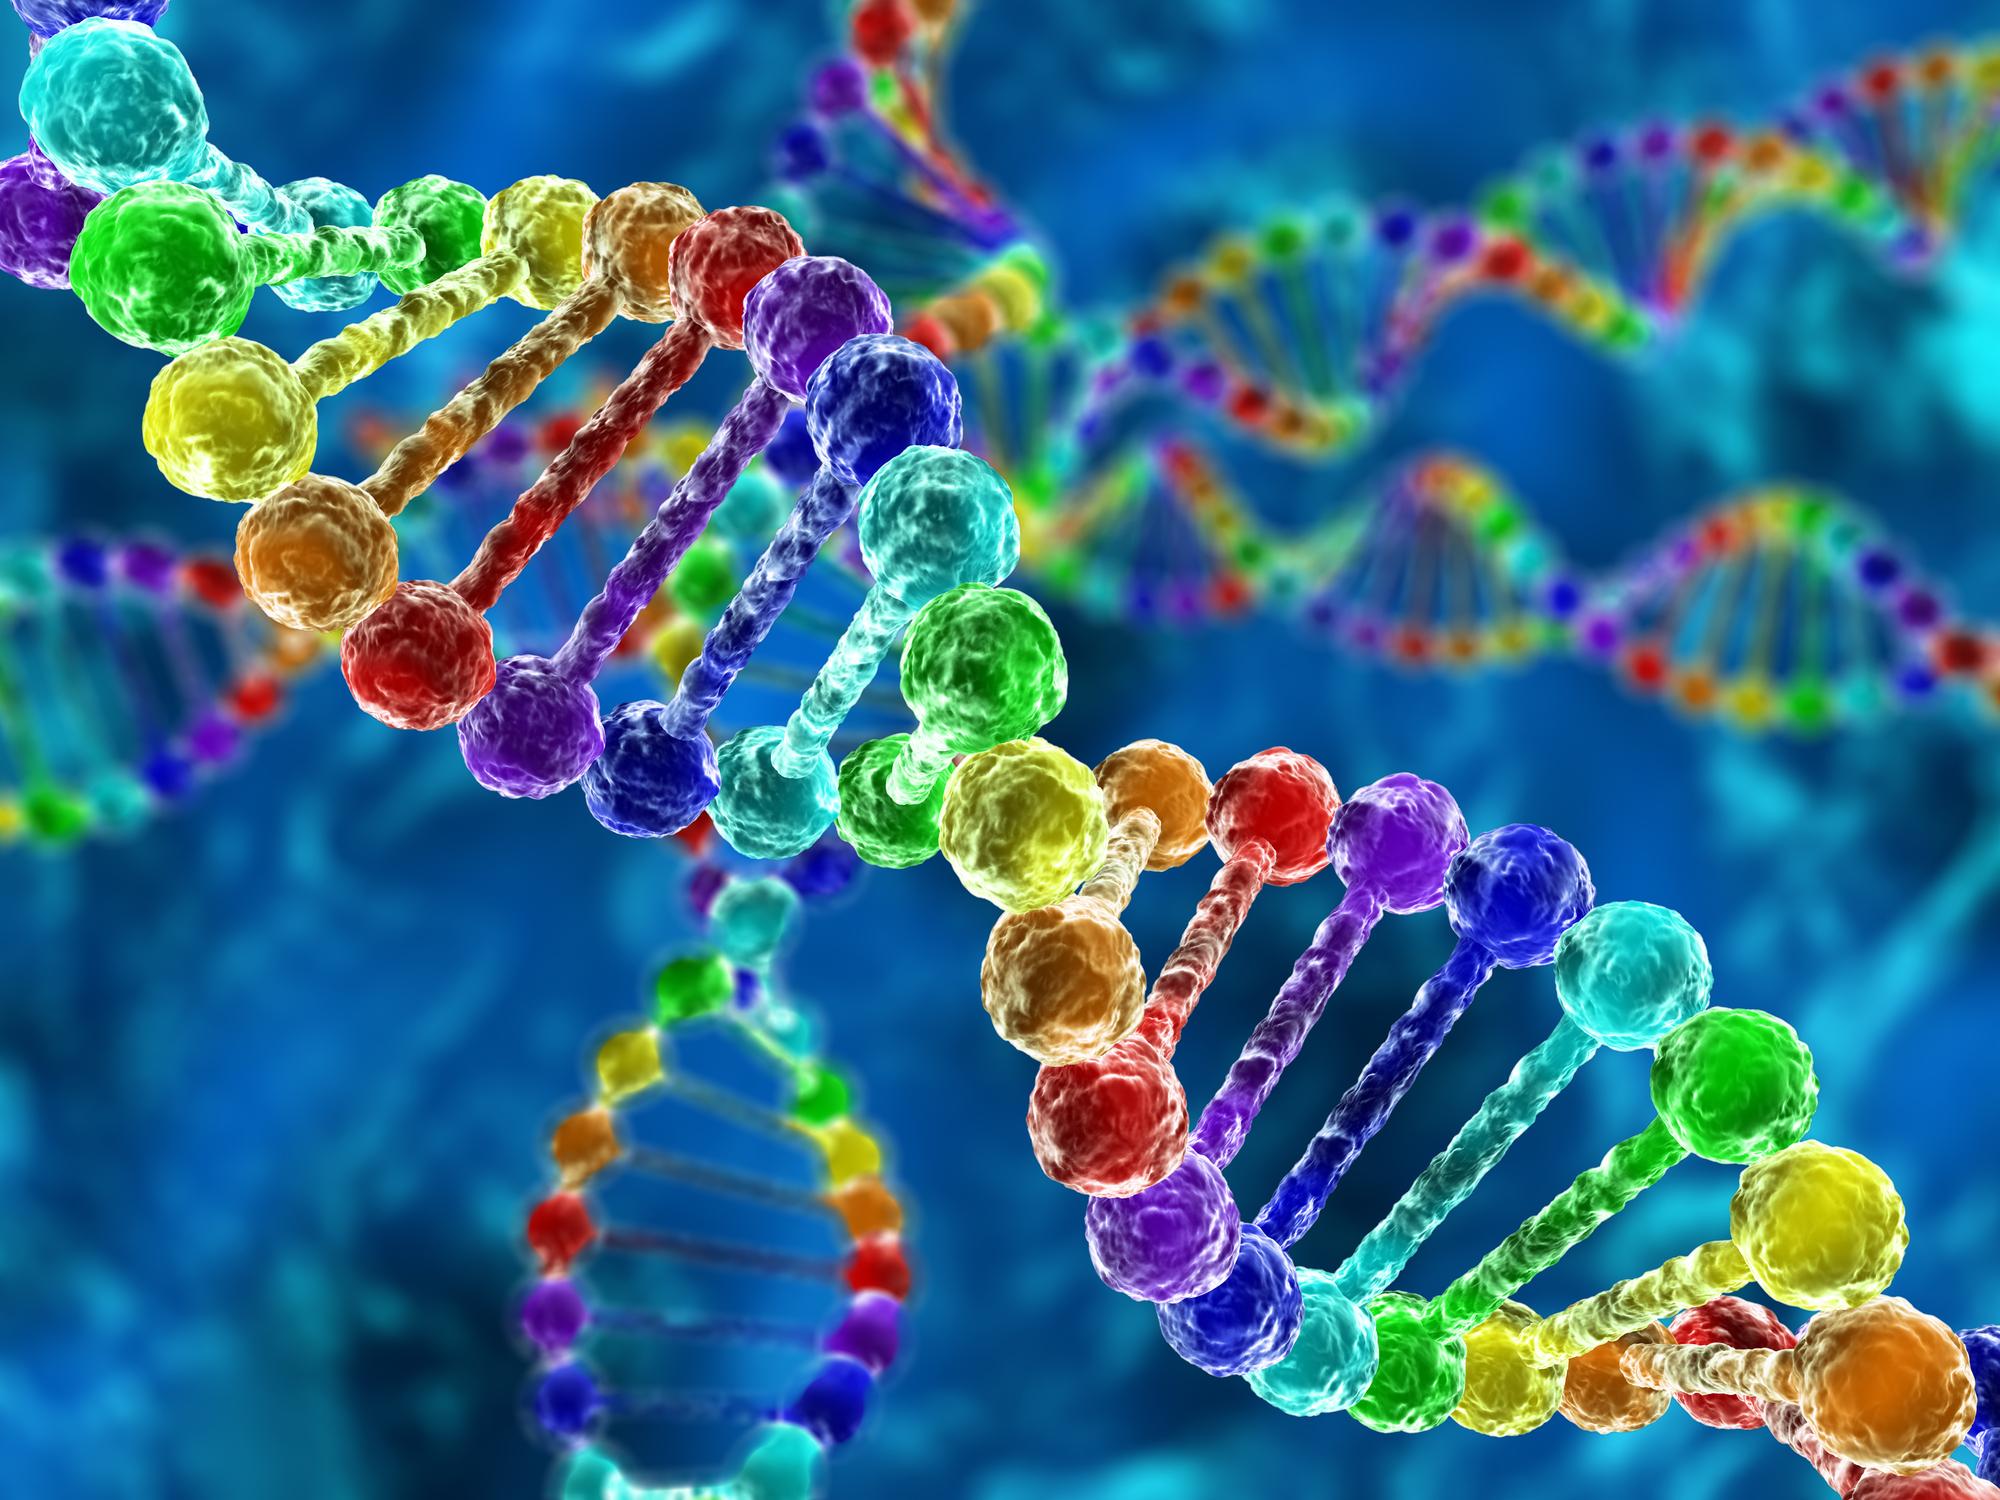 متخصص ژنتیک -در حالیکه مشاوران ژنتیک عبارت از پزشکان بالینی نمی باشند